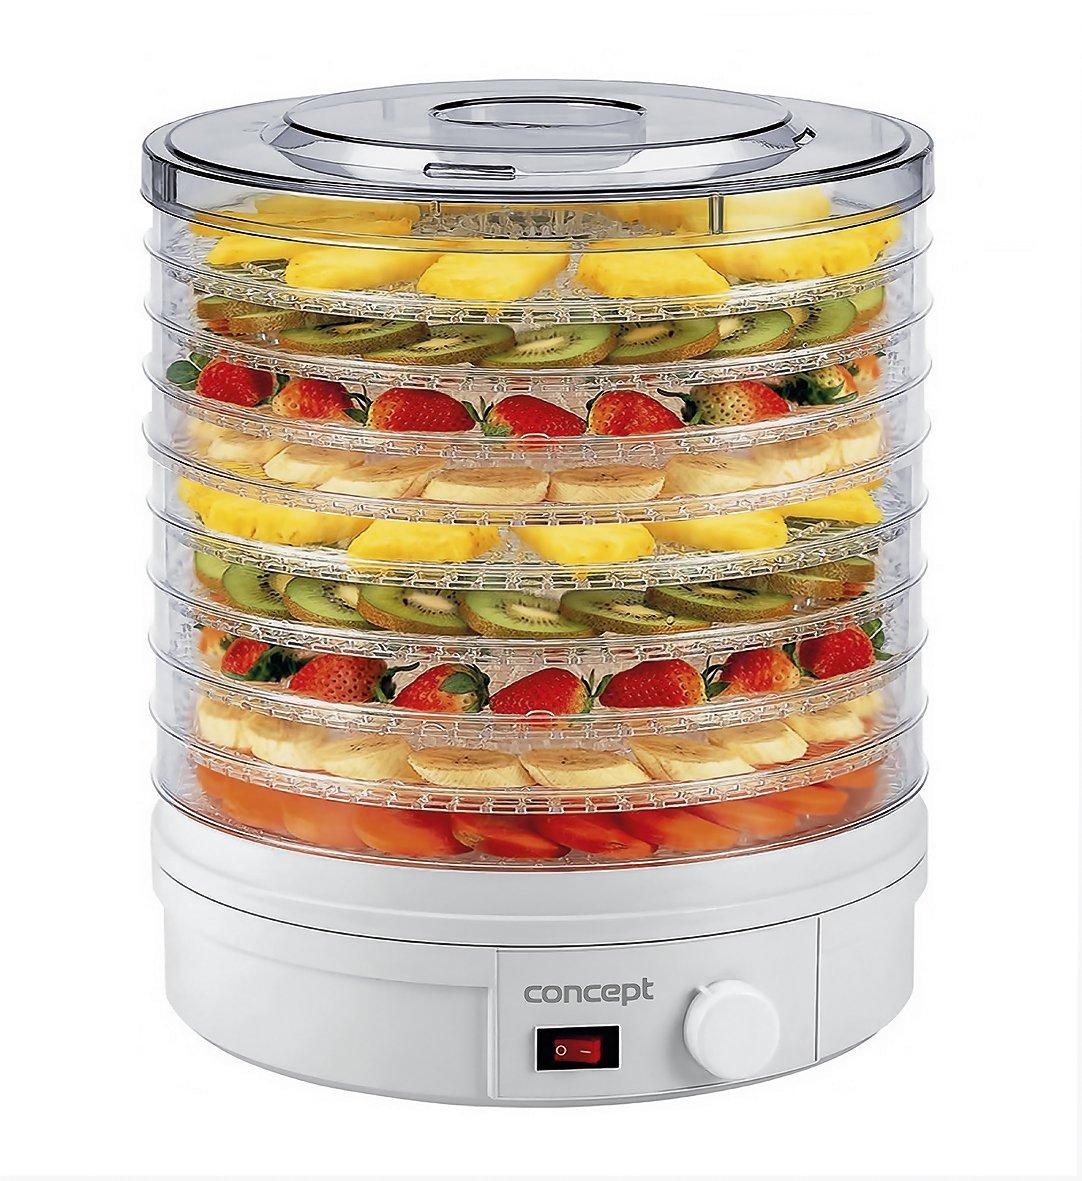 Concept Elettrodomestici SO1020 Essiccatore per Frutta, 9 Scomparti, 240 V, 245 W, 46 dB, Bianco [Classe di efficienza energetica A]